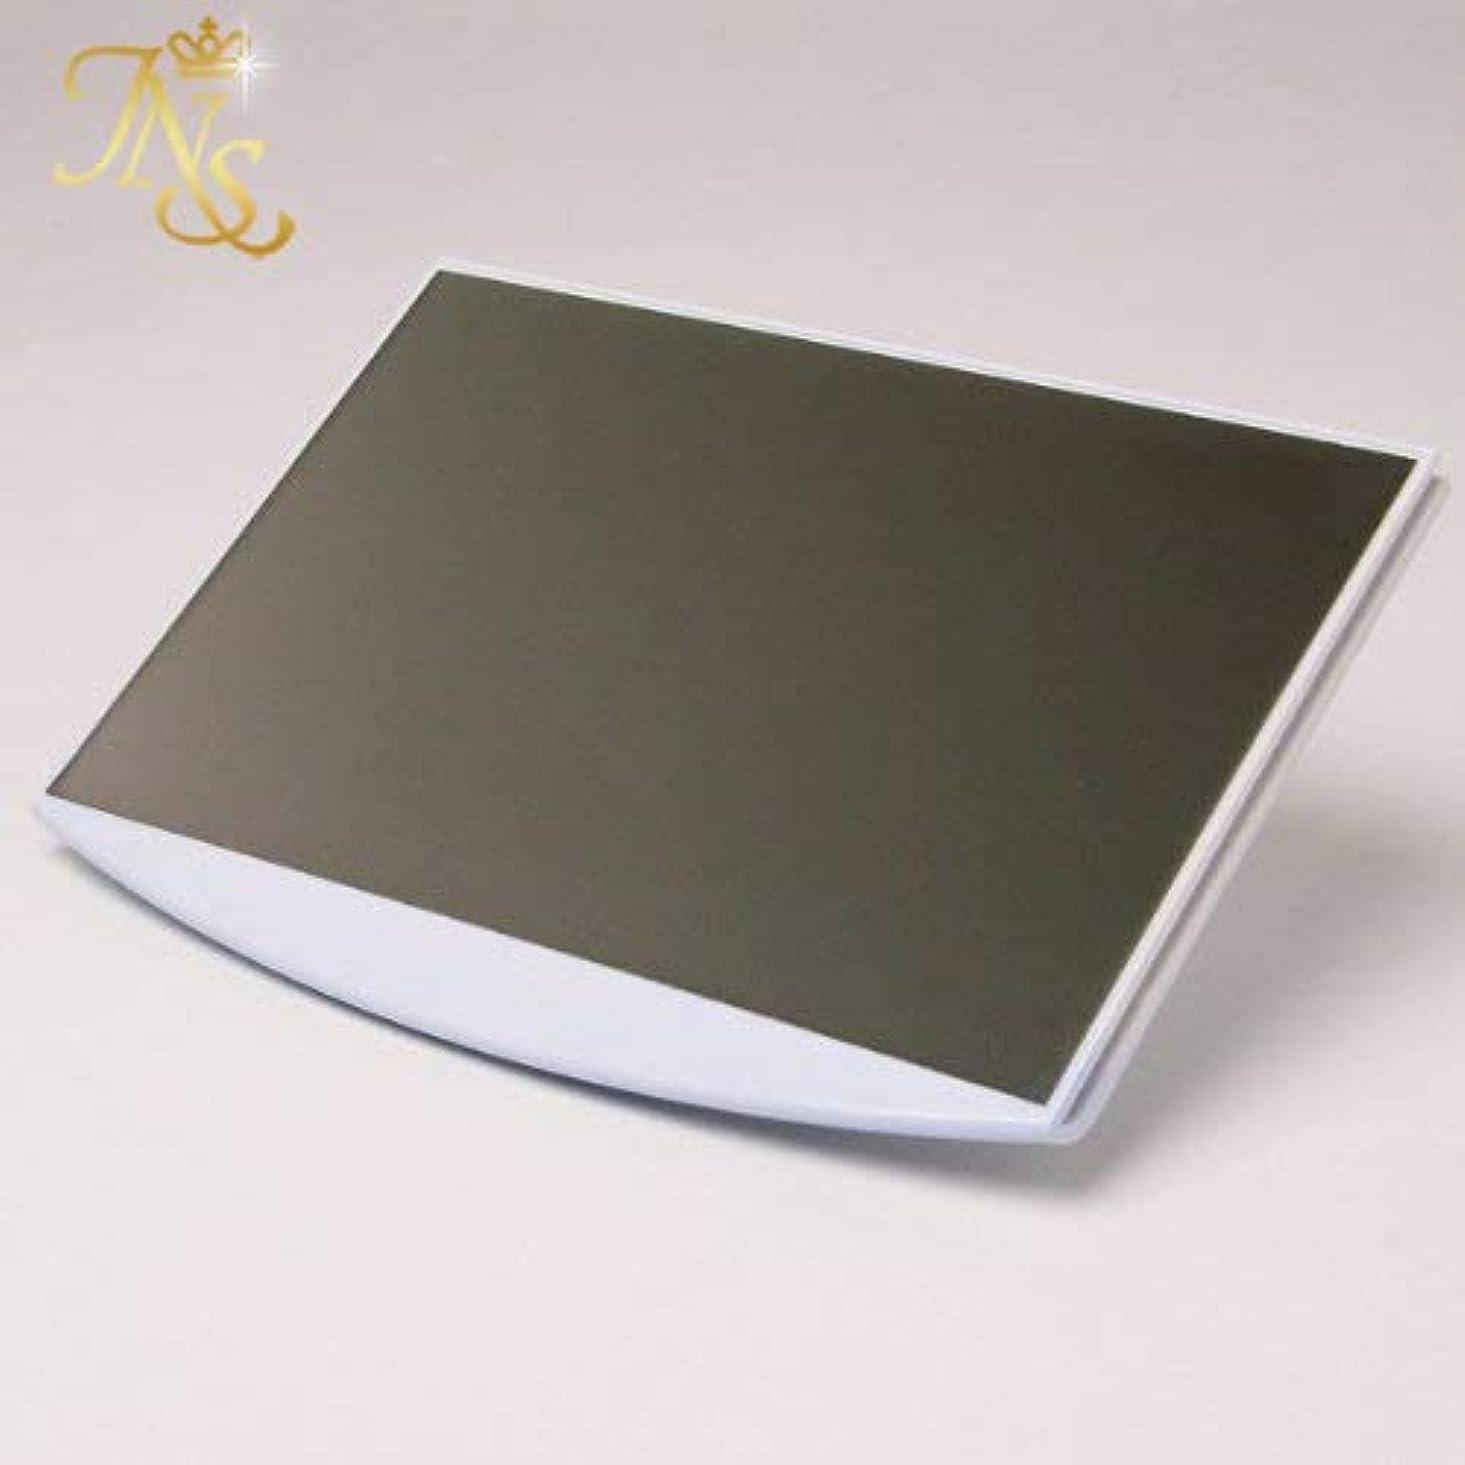 はしご解明ビリーヤギLEDライト ジェルネイル デジタルプロLED7交換用底板